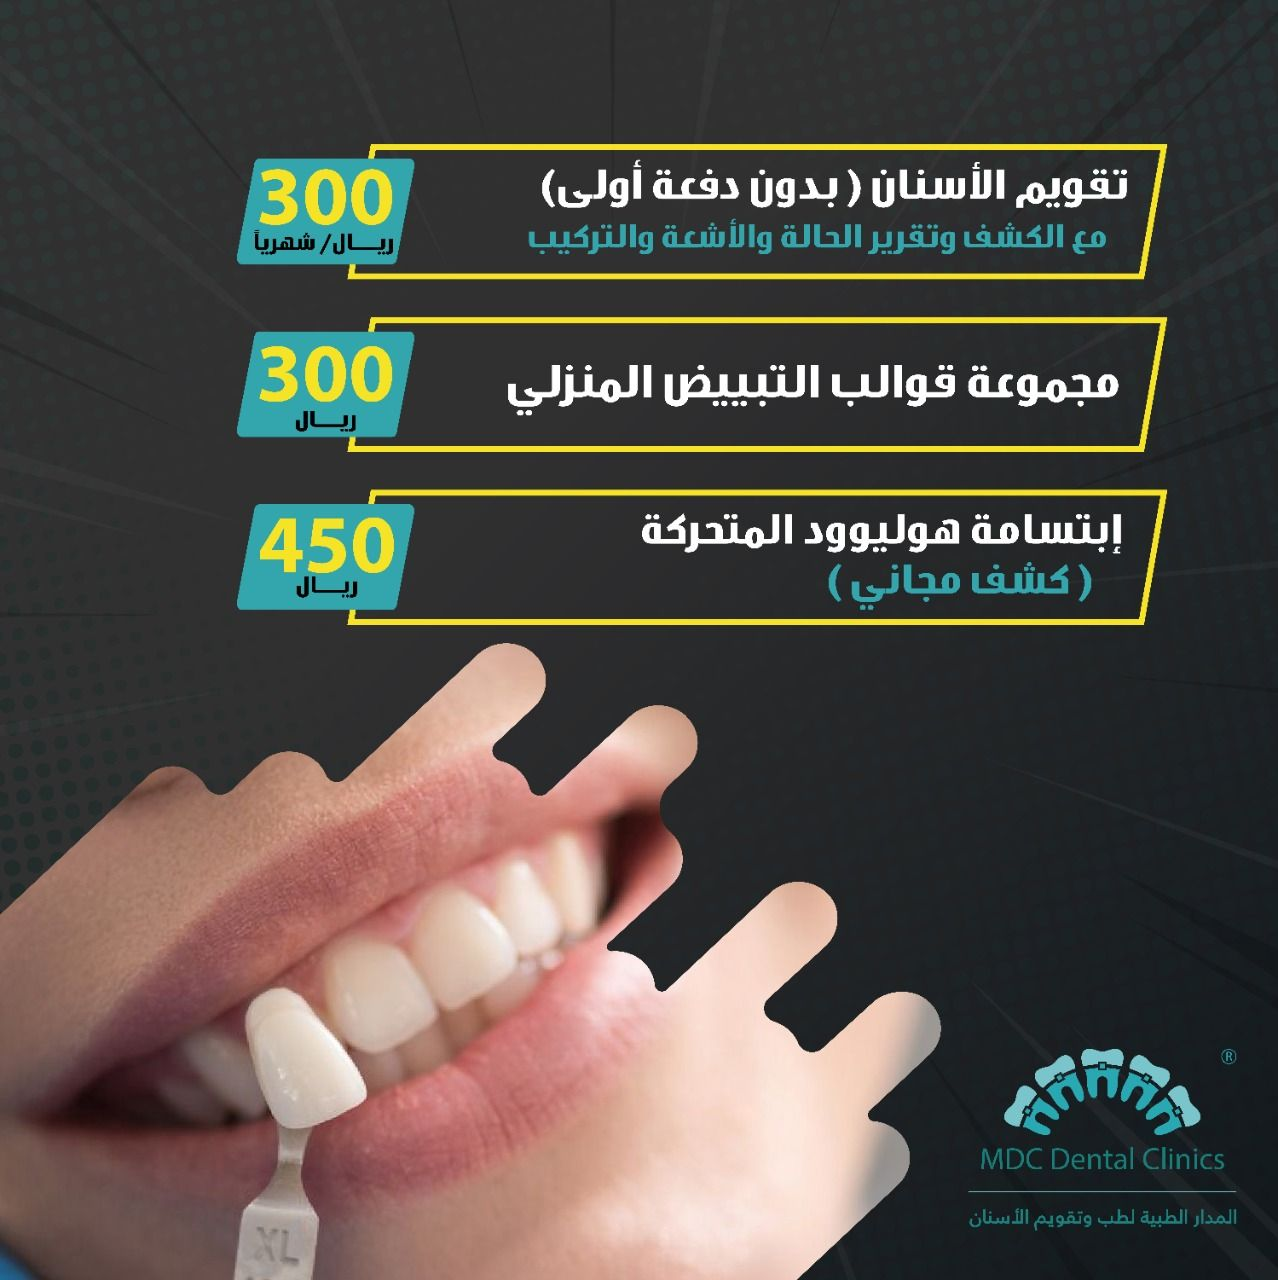 آخر اسبوع لعروض جمعة المدار اقوى عروض الاسنان سارع بالحجز عبر الرابط Forms Gle Nnhhgaj4exjikb عيادات المدار Dental Clinic Dental Clinic